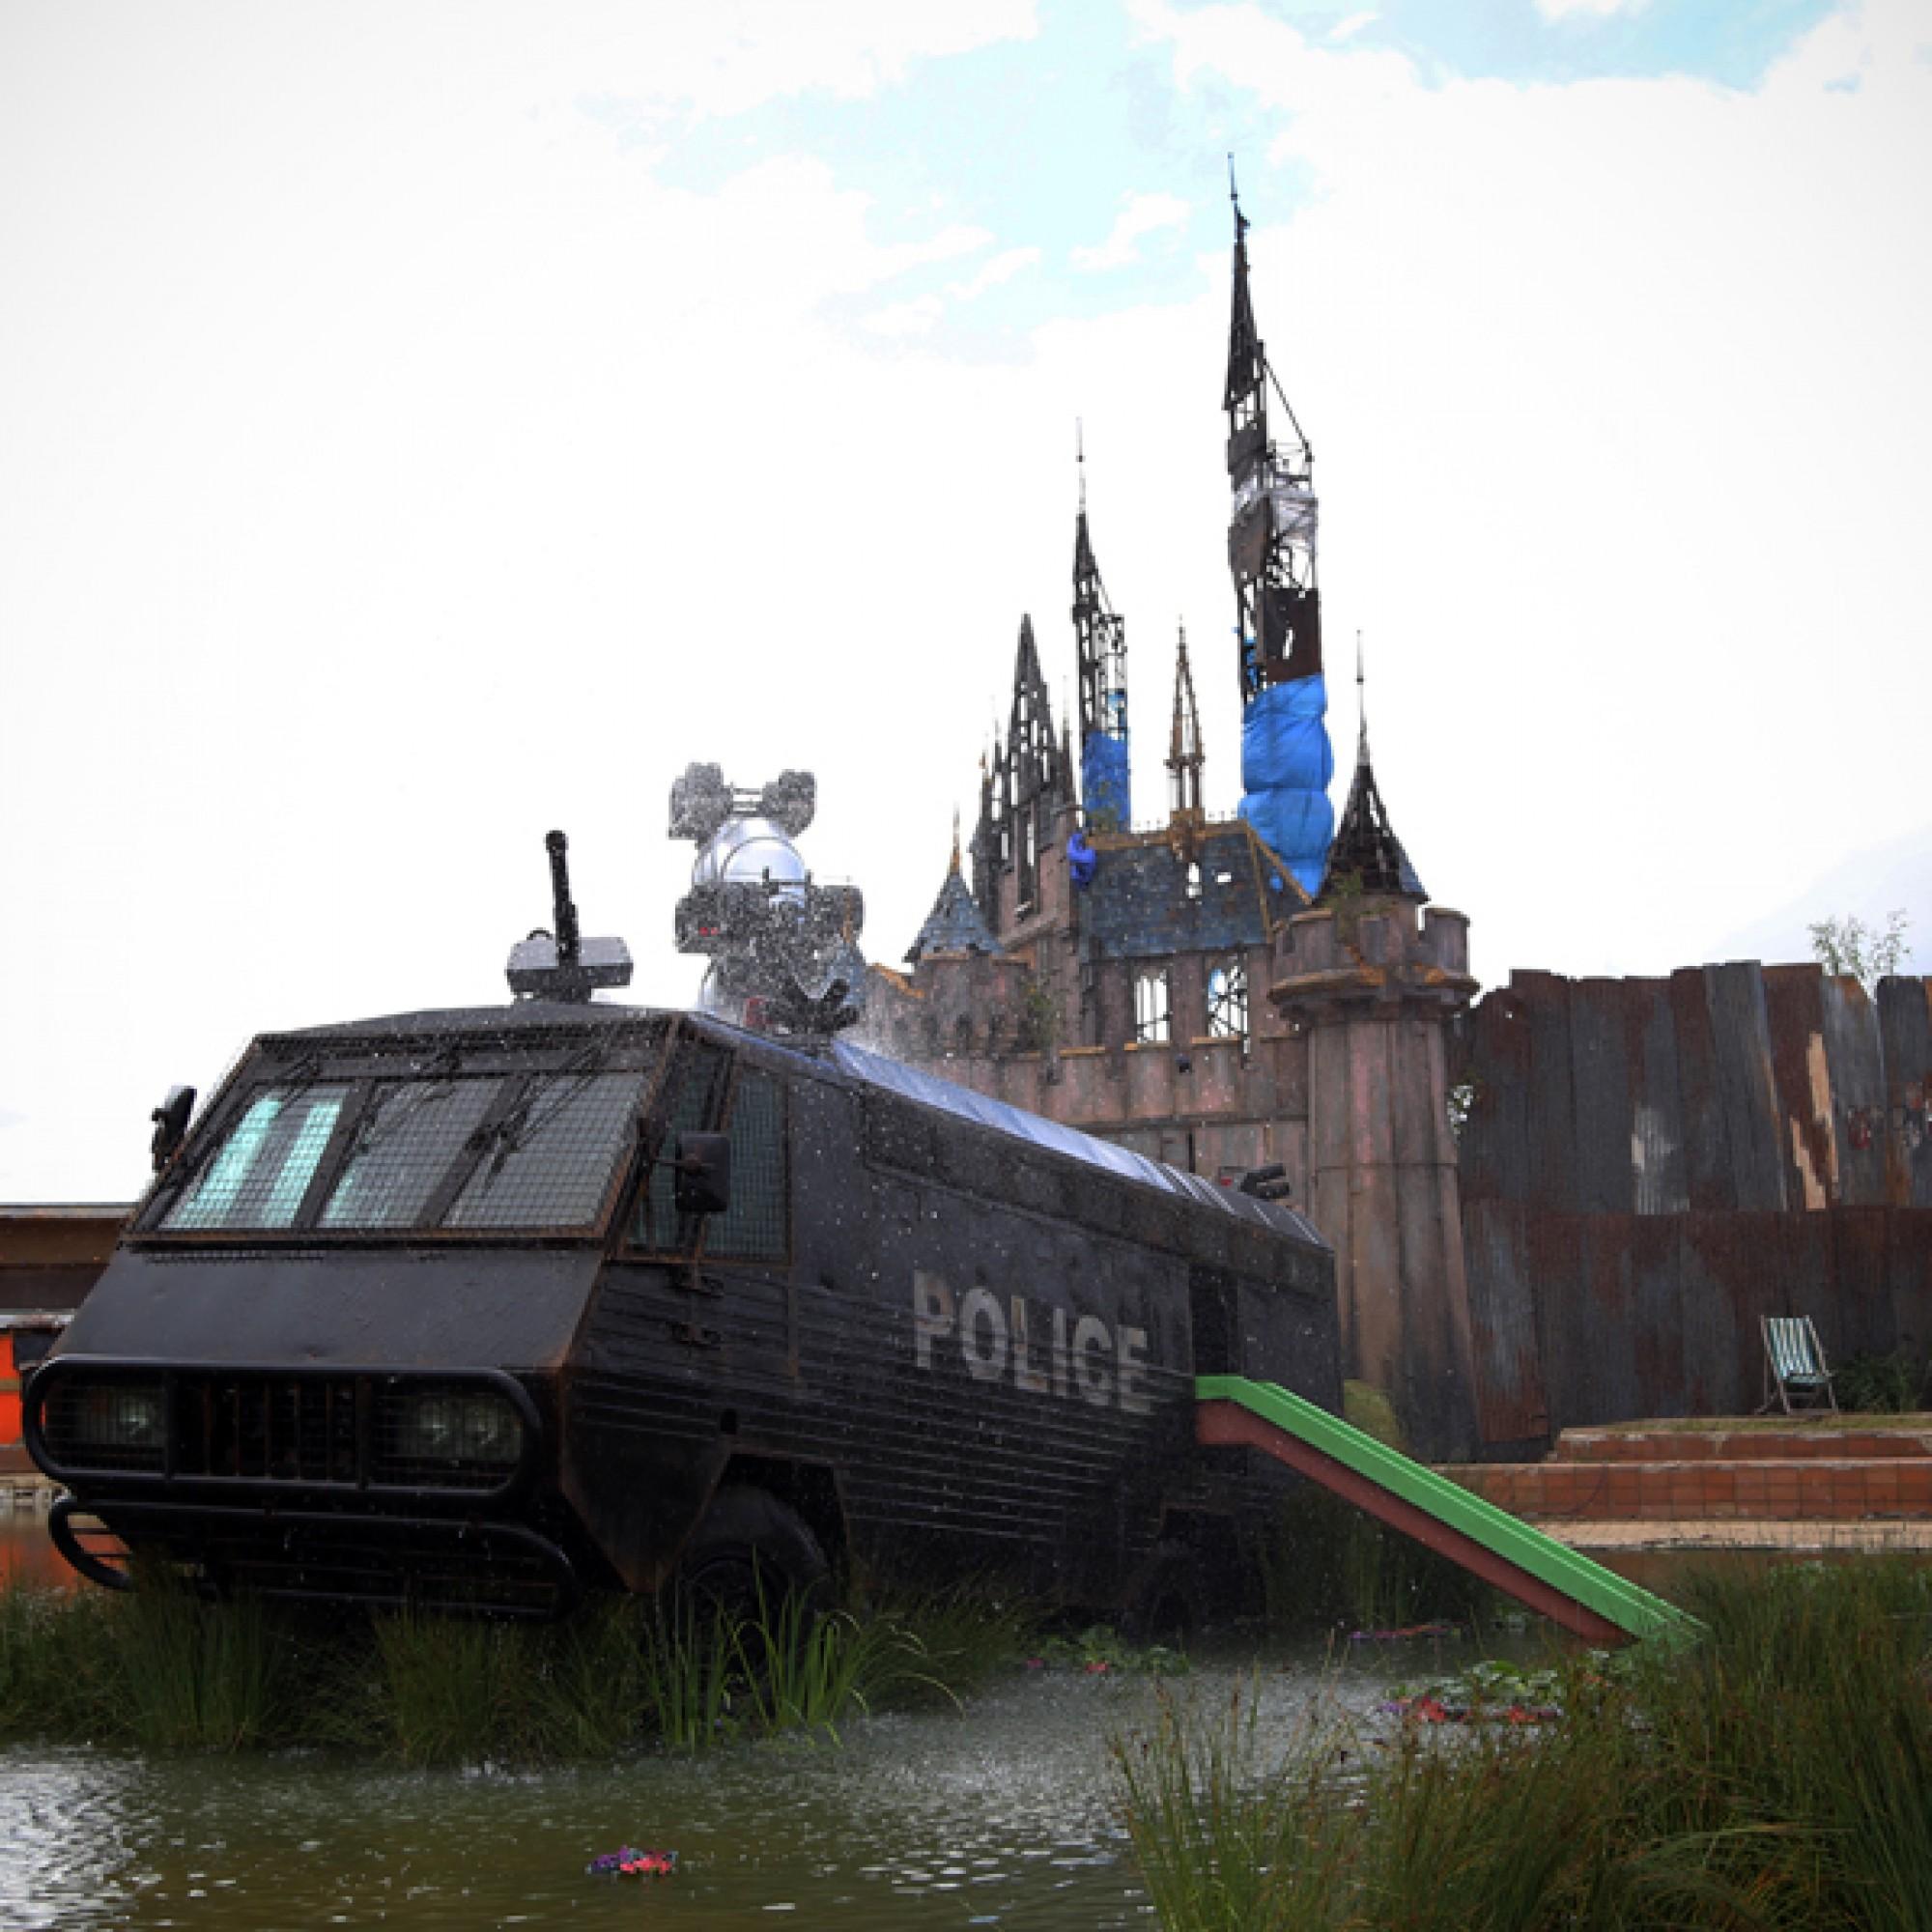 Polizeiauto mit Rutschbahn... (byrian, flickr, CC)